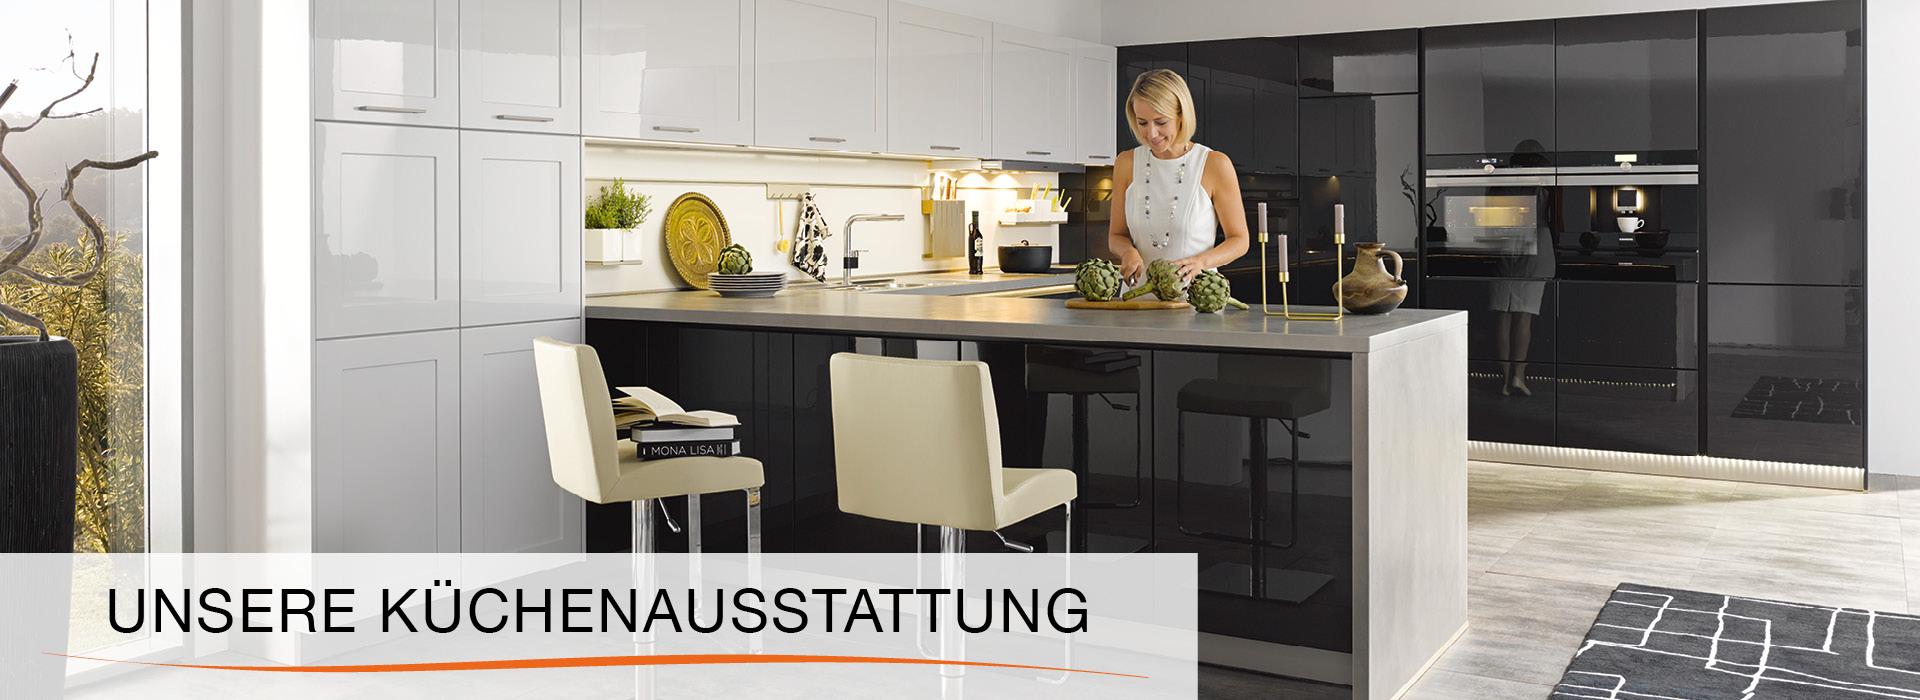 Full Size of Kchenspezialstudio In Hallstadt Kchenhummel Wohnzimmer Küchenkarussell